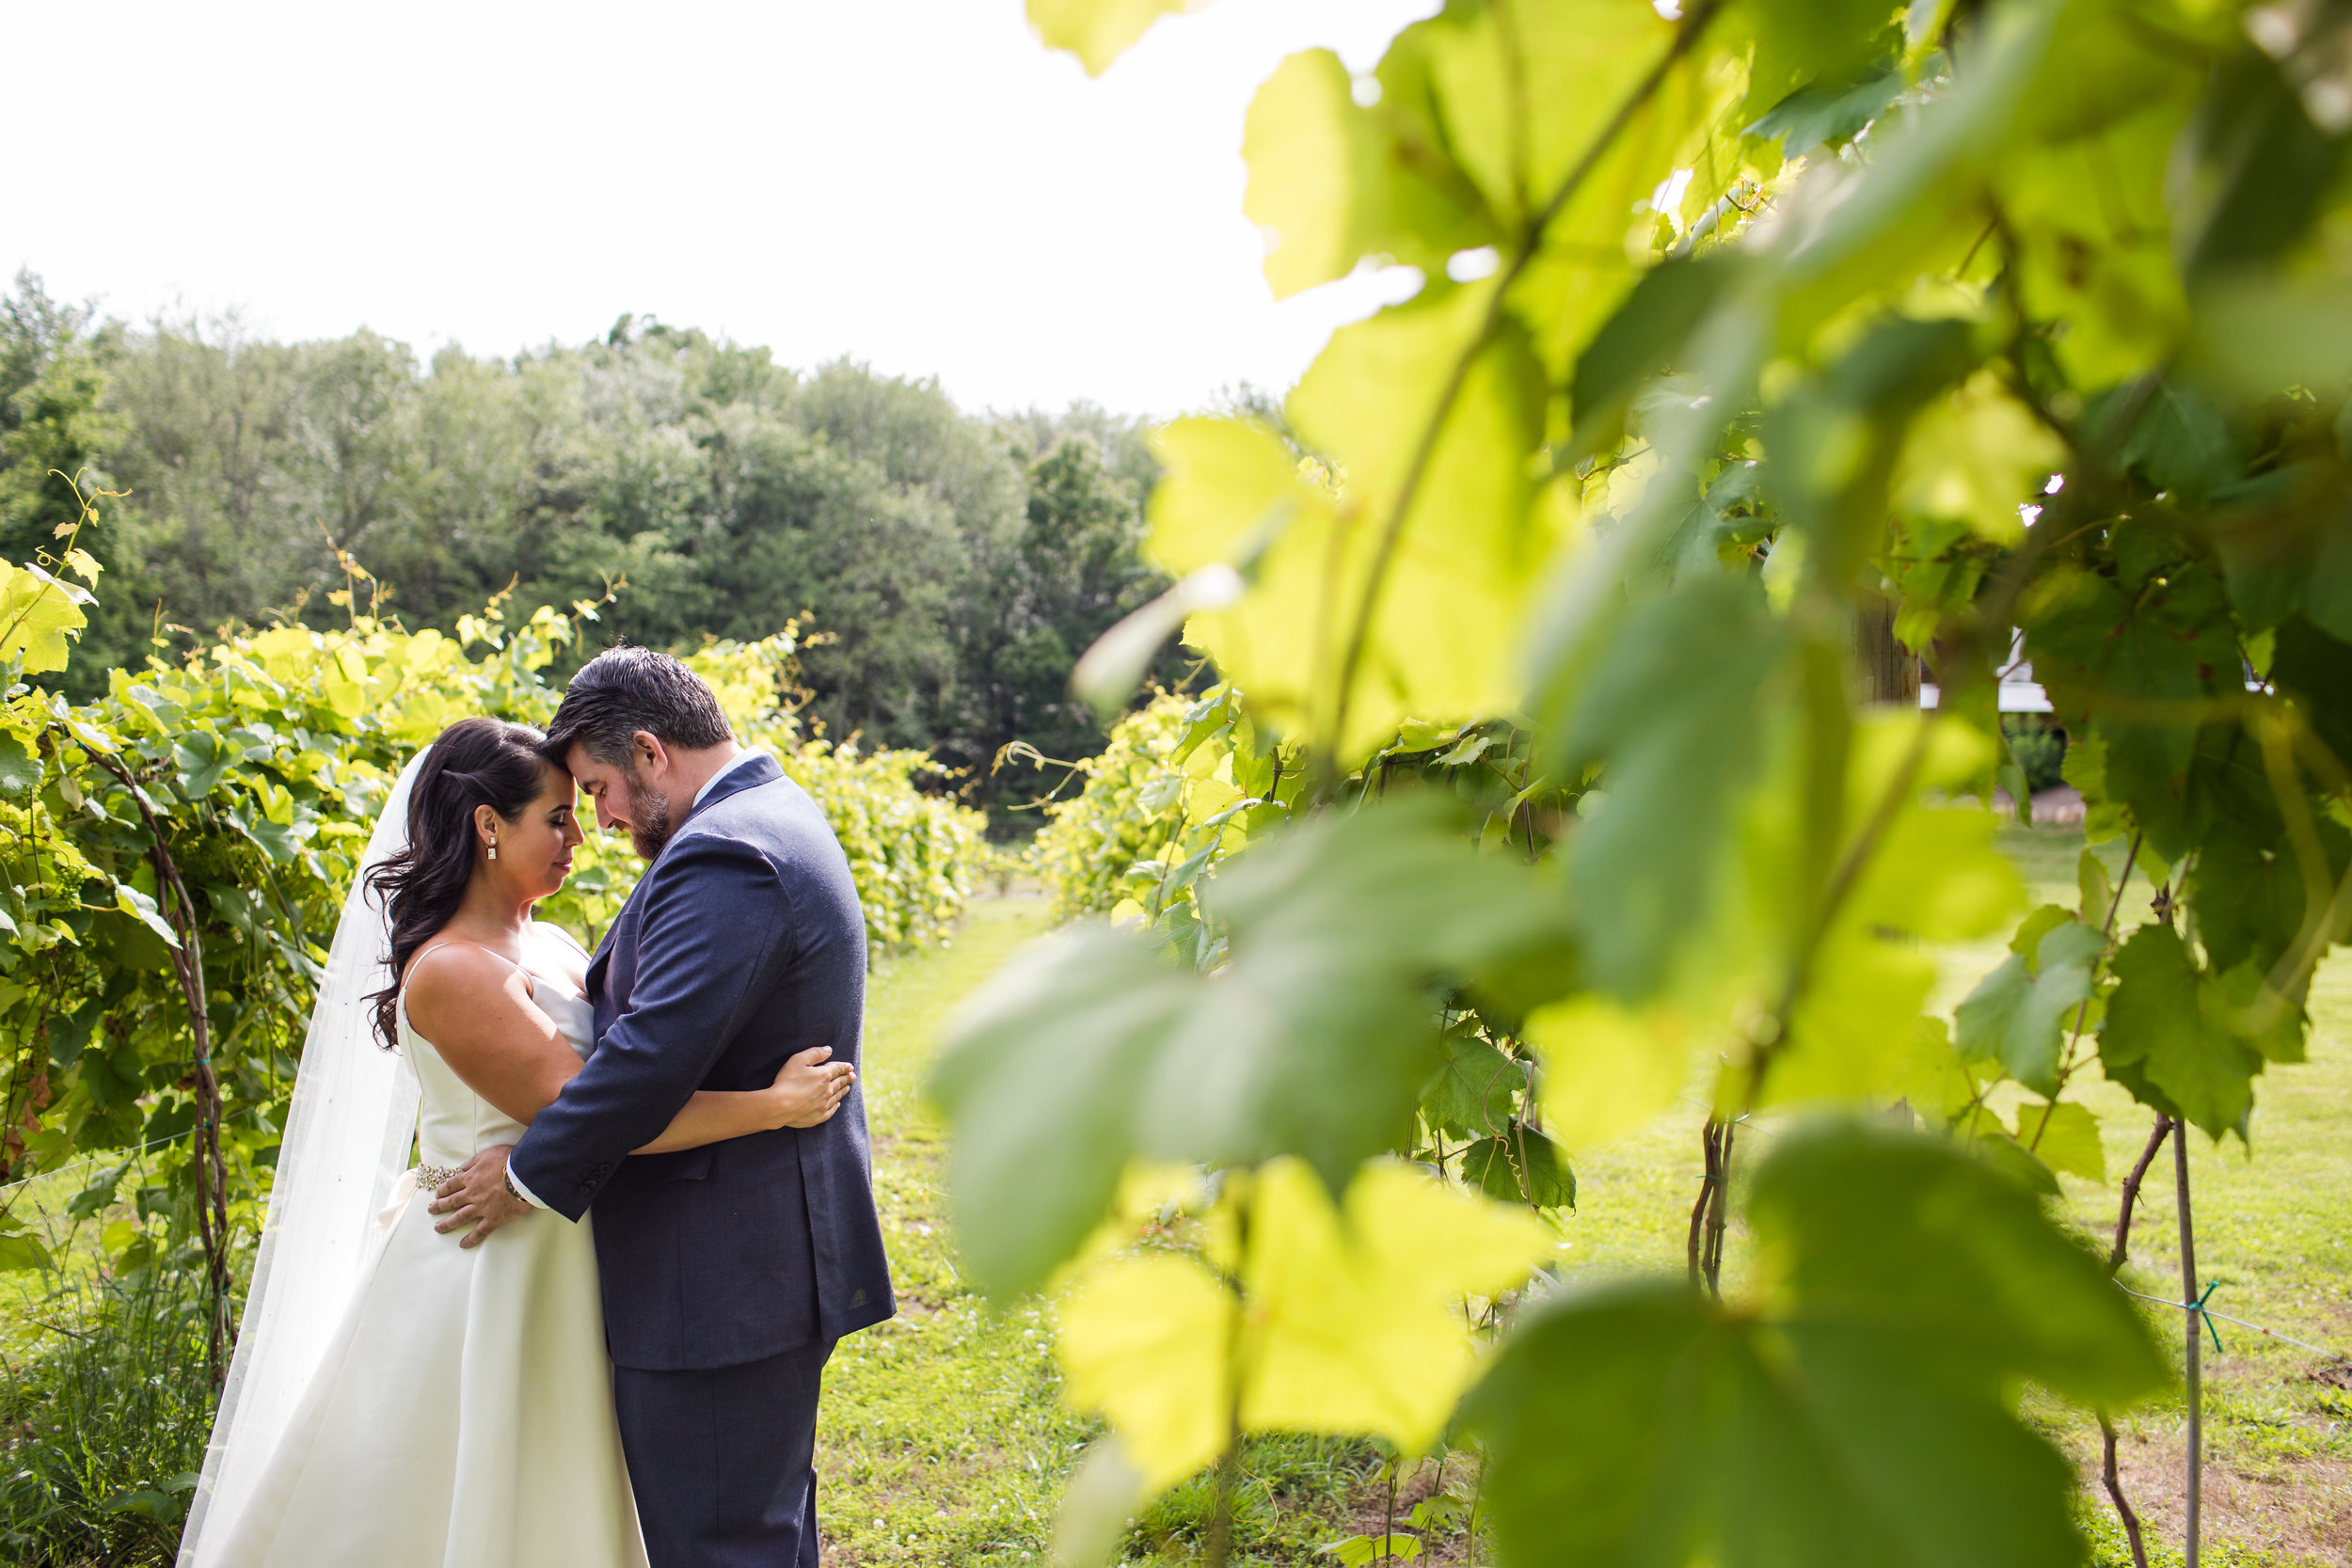 Maratt-Wedding Teaser-0060.JPG